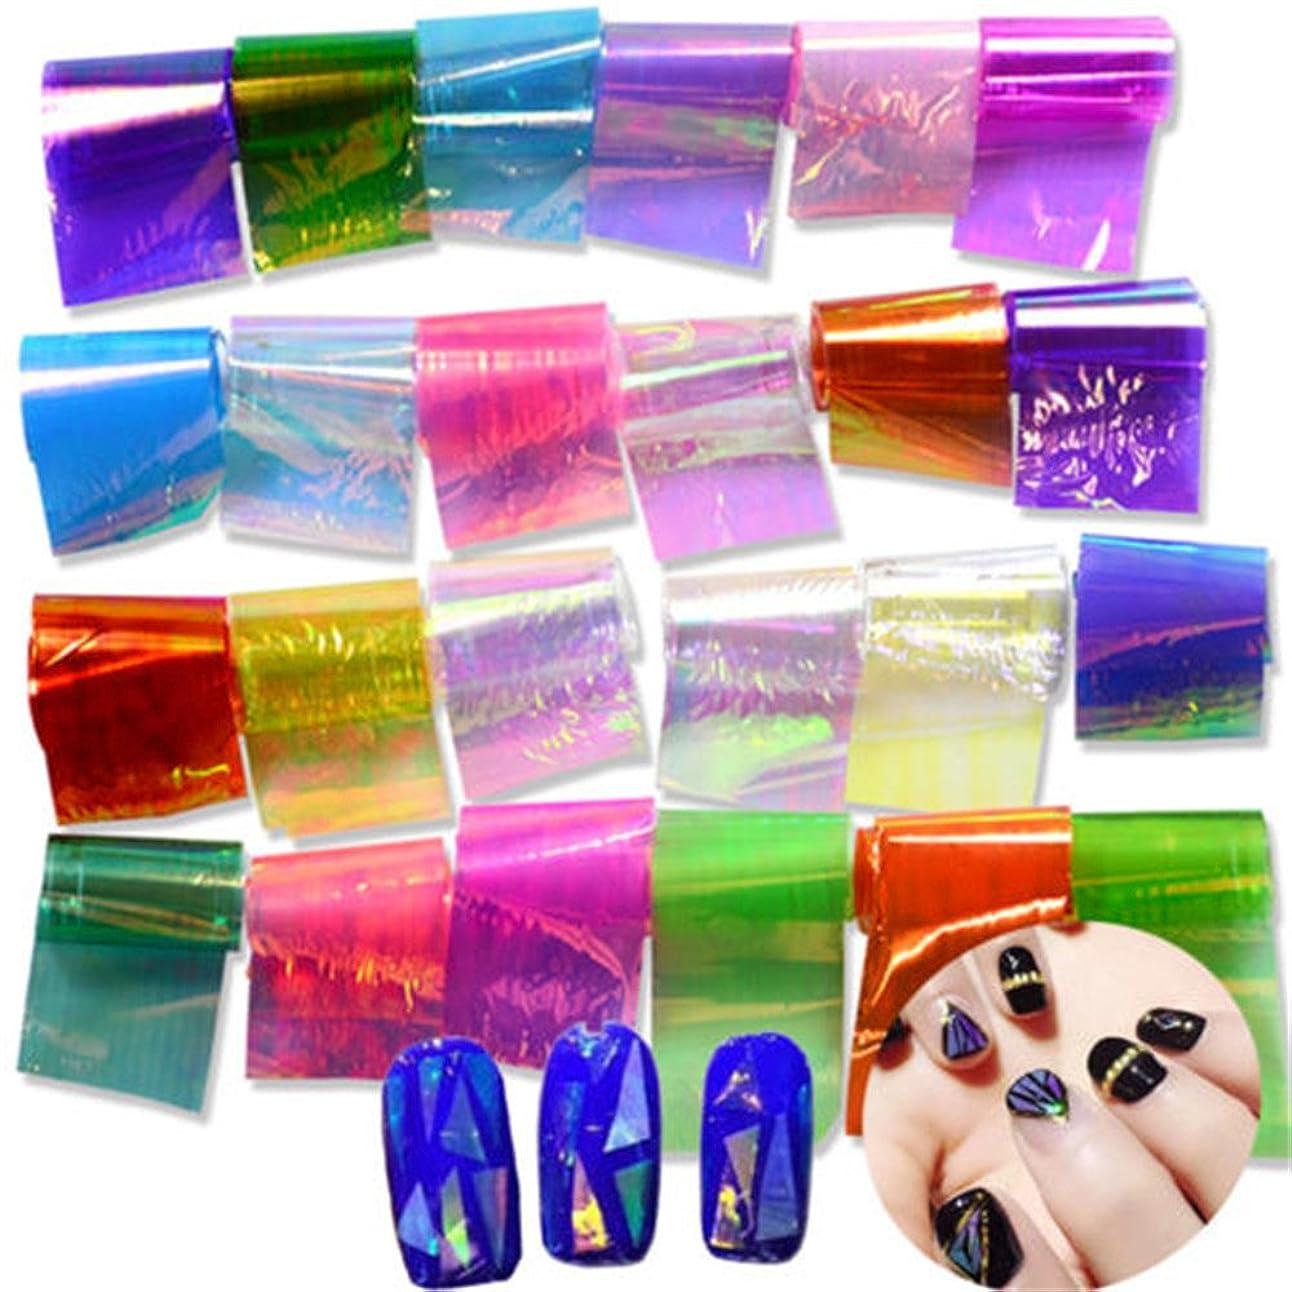 付属品するだろう魔術Artlalic 20枚の3Dホログラフィー壊れたガラスフォイル指のネイルアートミラーステッカー爪のためのステンシルデカールDIYのマニキュア